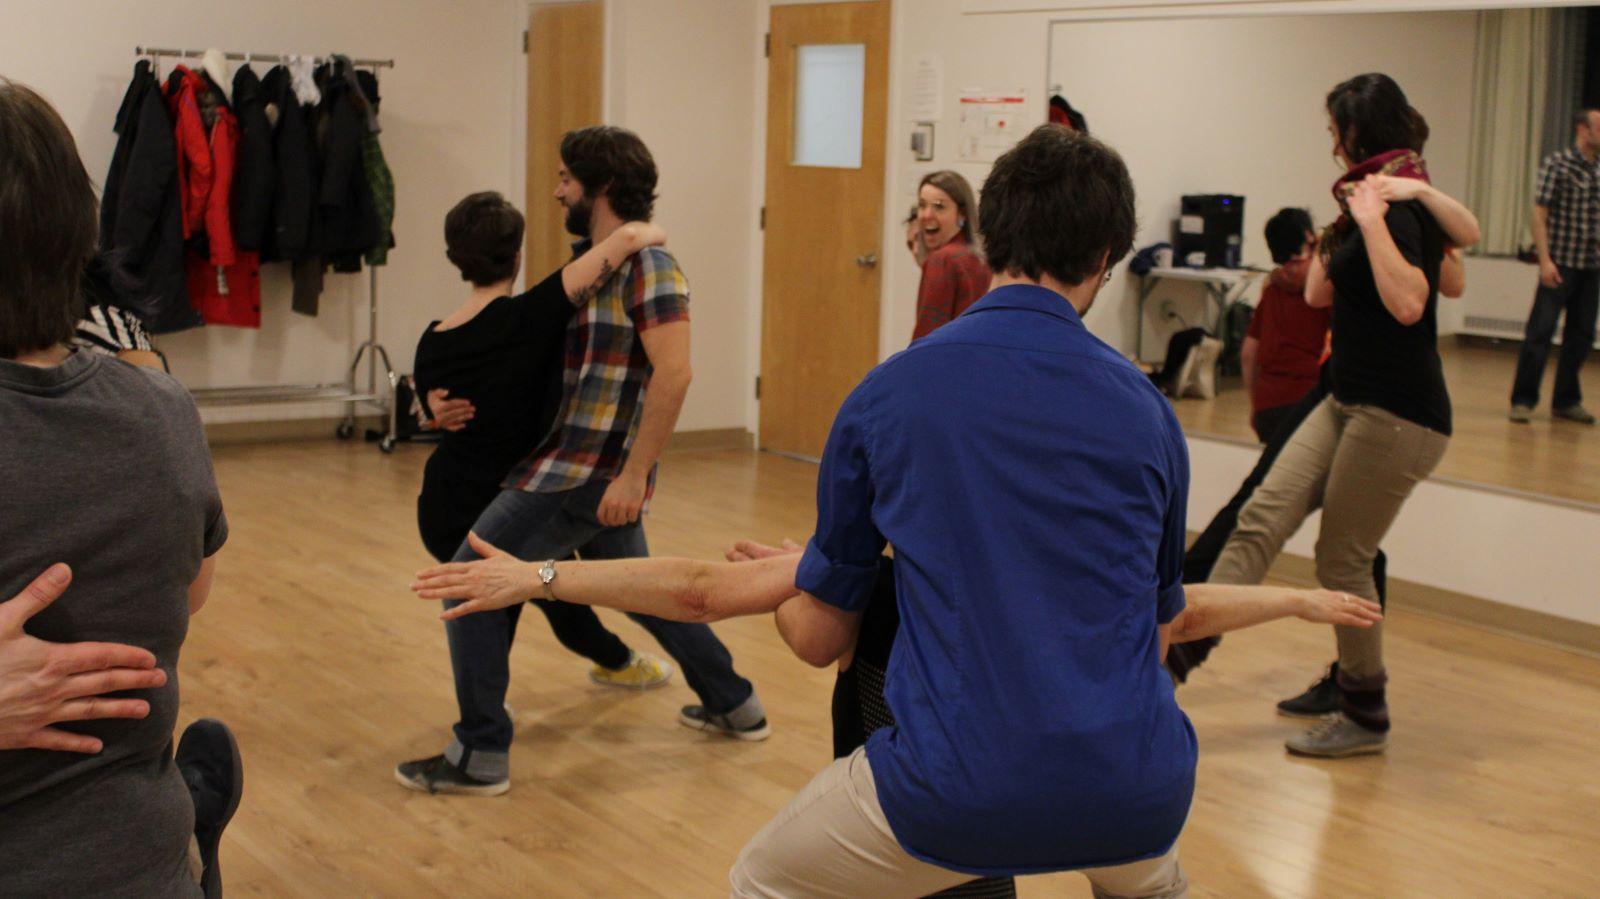 Personnes qui pratiquent la danse swing